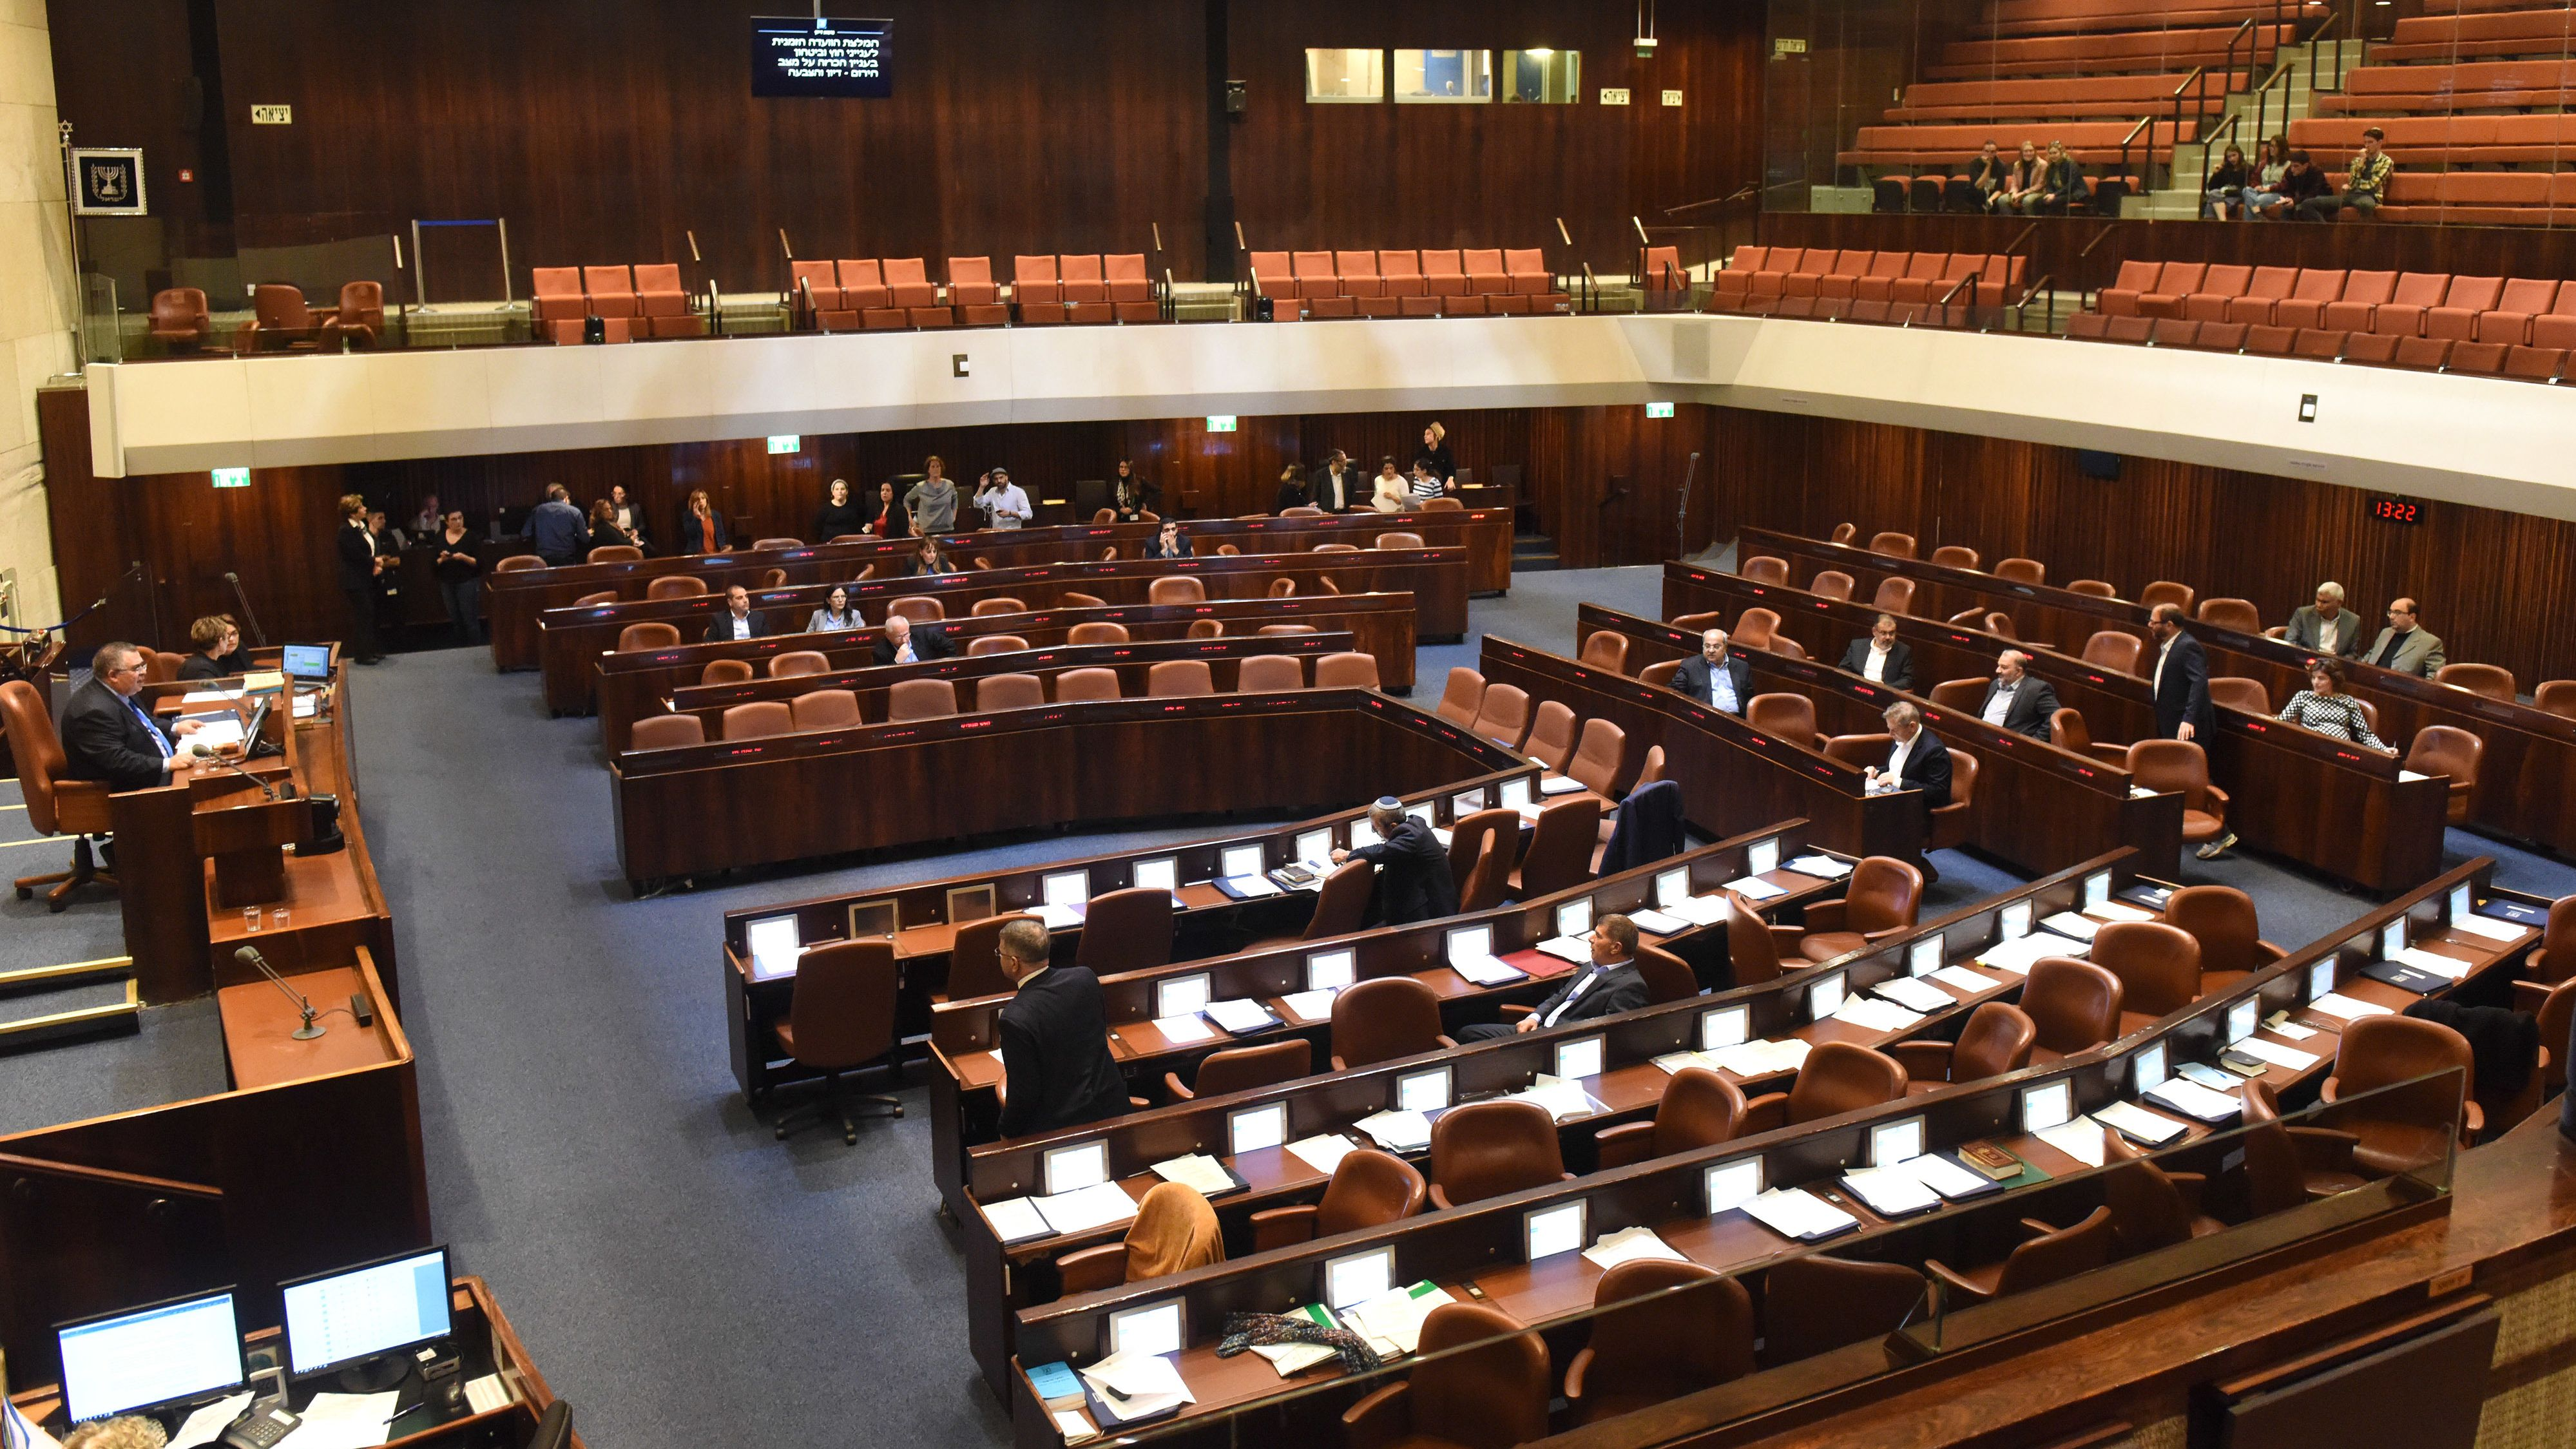 Die Knesset, das Parlament in Jerusalem